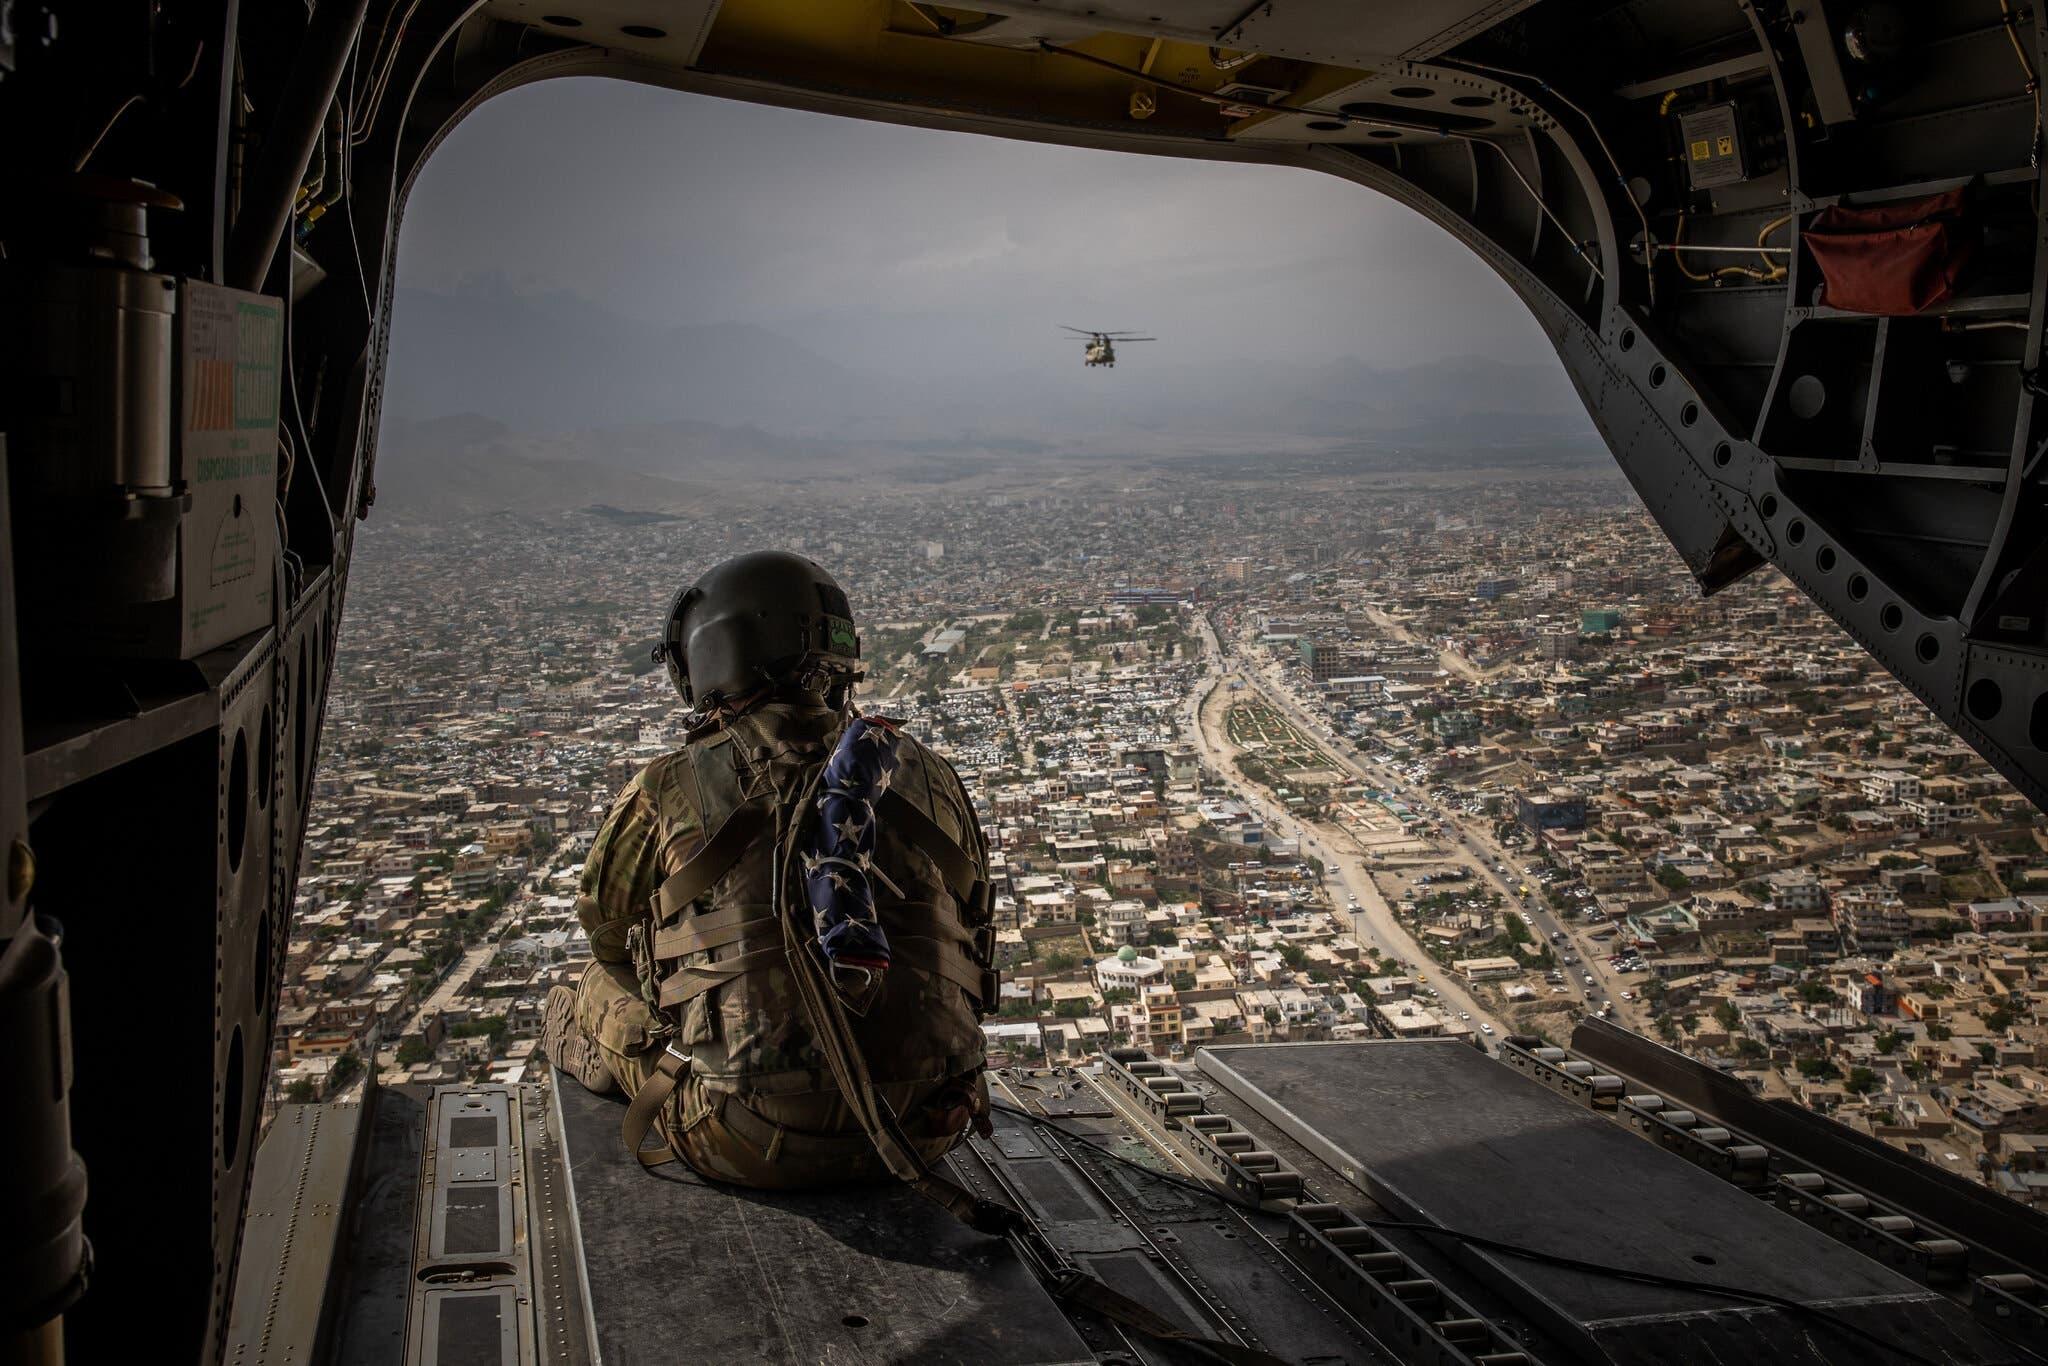 مروحية أميركية فوق العاصمة الأفغانية كابل